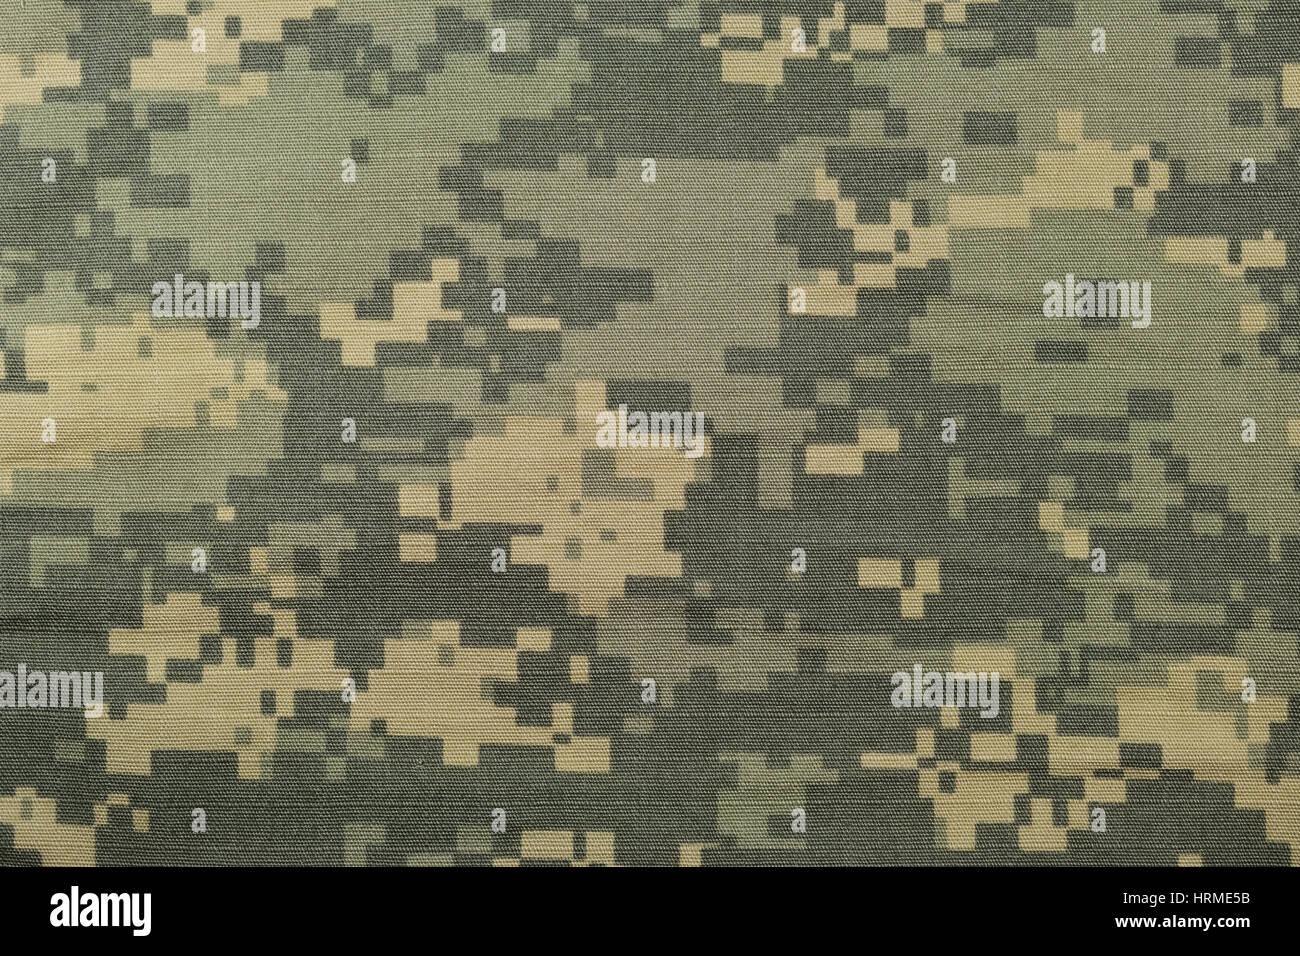 d593ee3ce55 Desert Camo Texture Stock Photos   Desert Camo Texture Stock Images ...